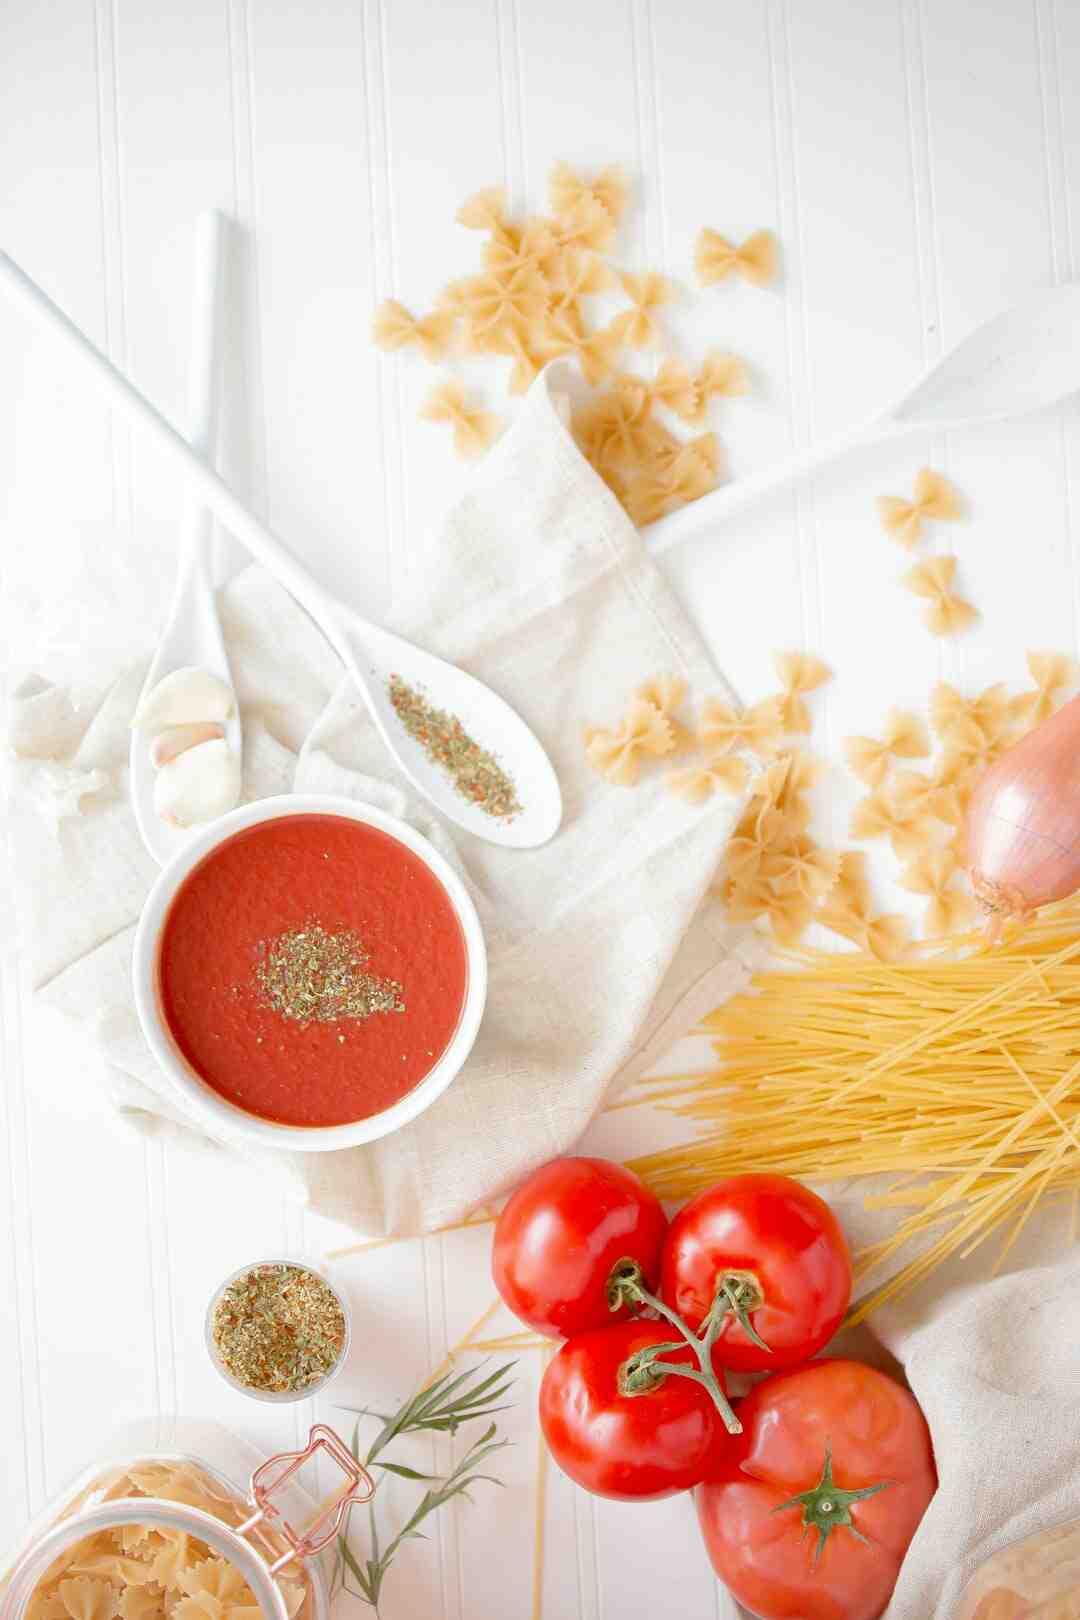 Comment diluer le double concentré de tomate ?